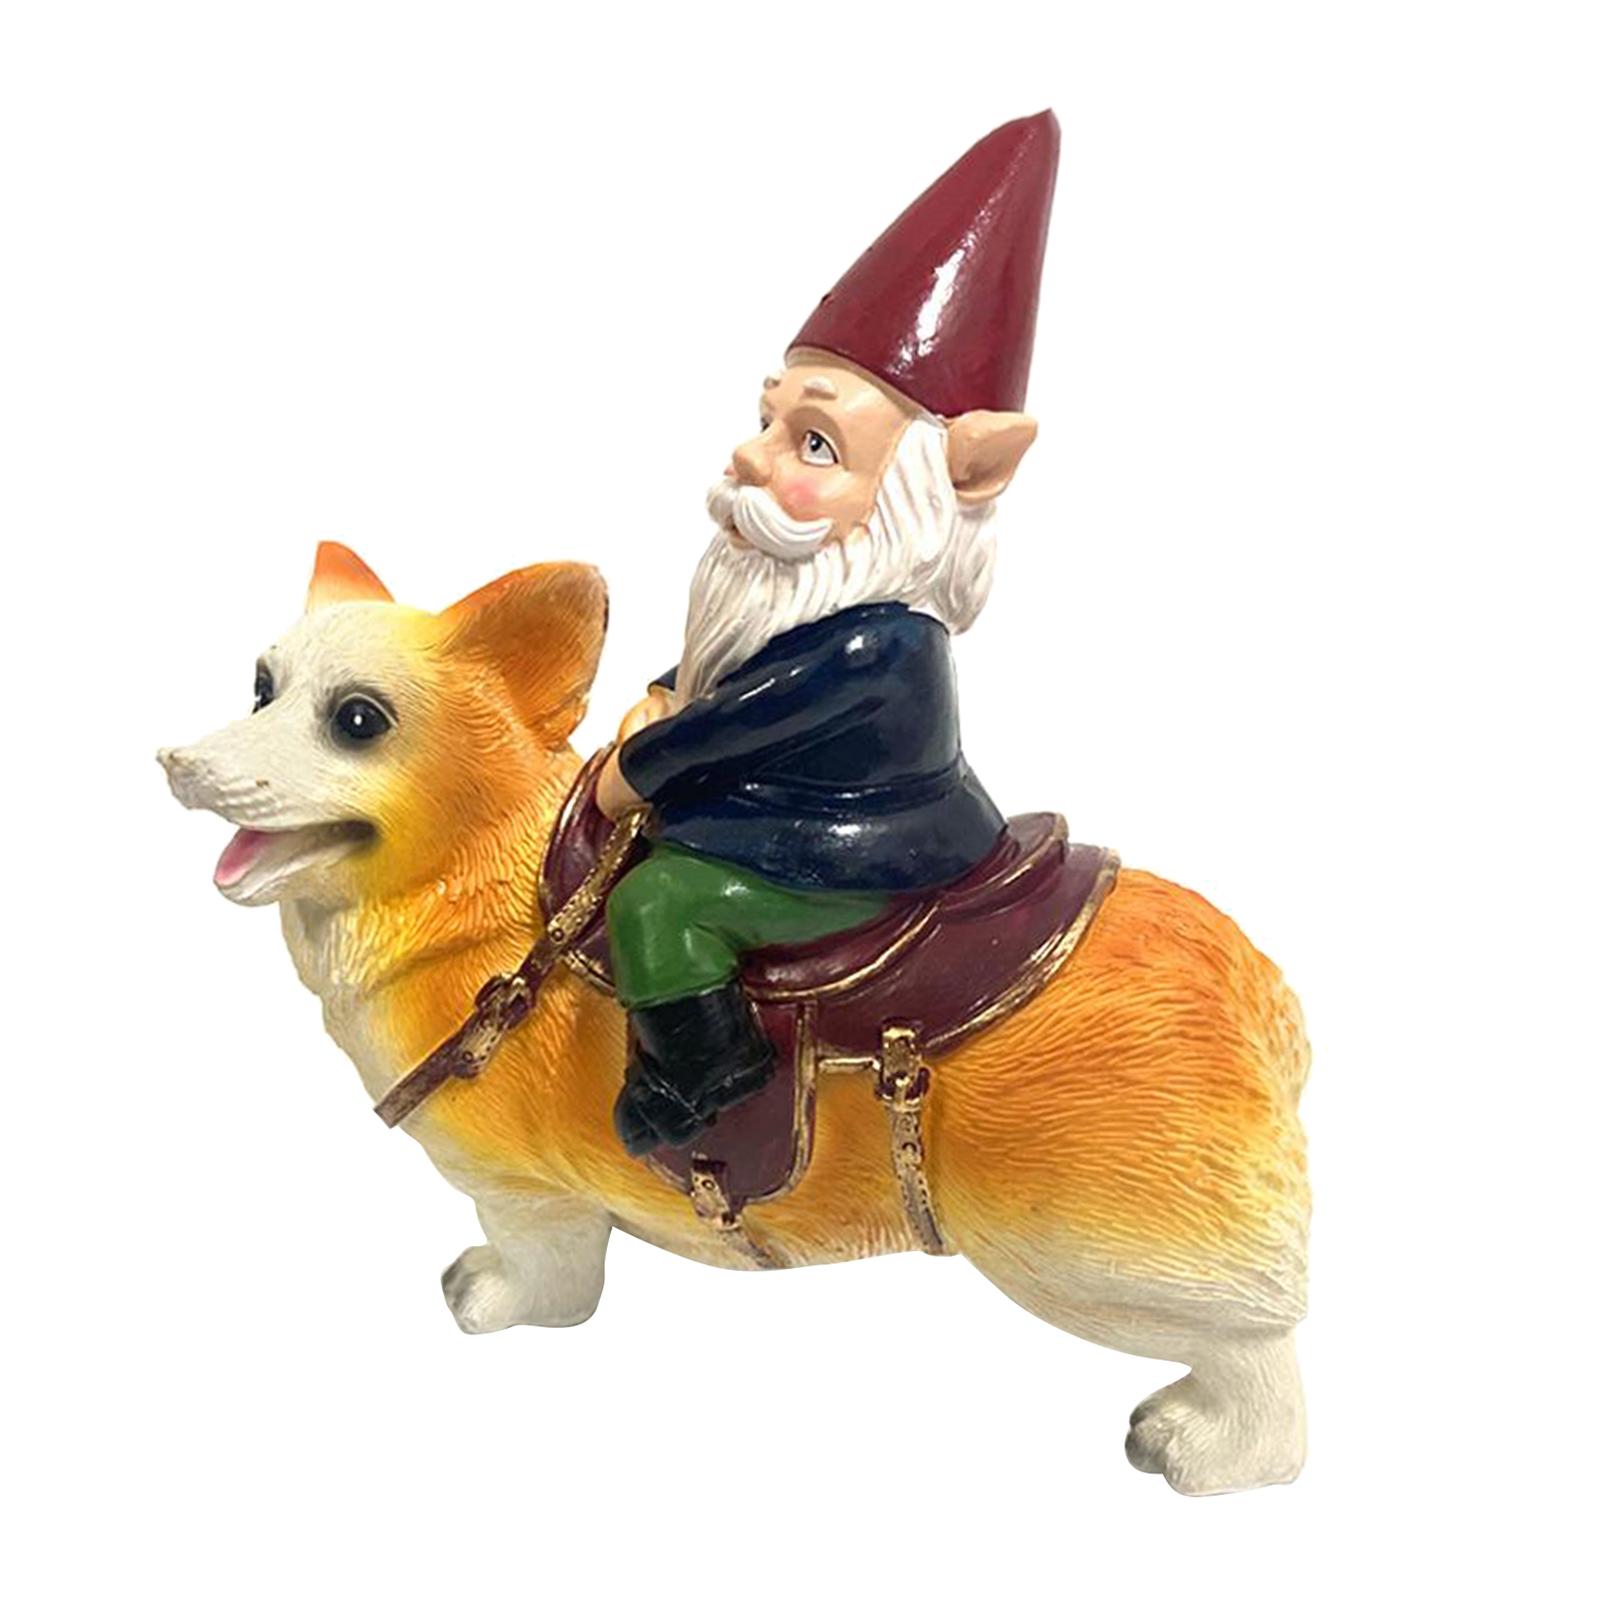 thumbnail 31 - Garden Gnome Polyresin Garden Sculpture Outdoor/Indoor Decor Funny Lawn Figurine